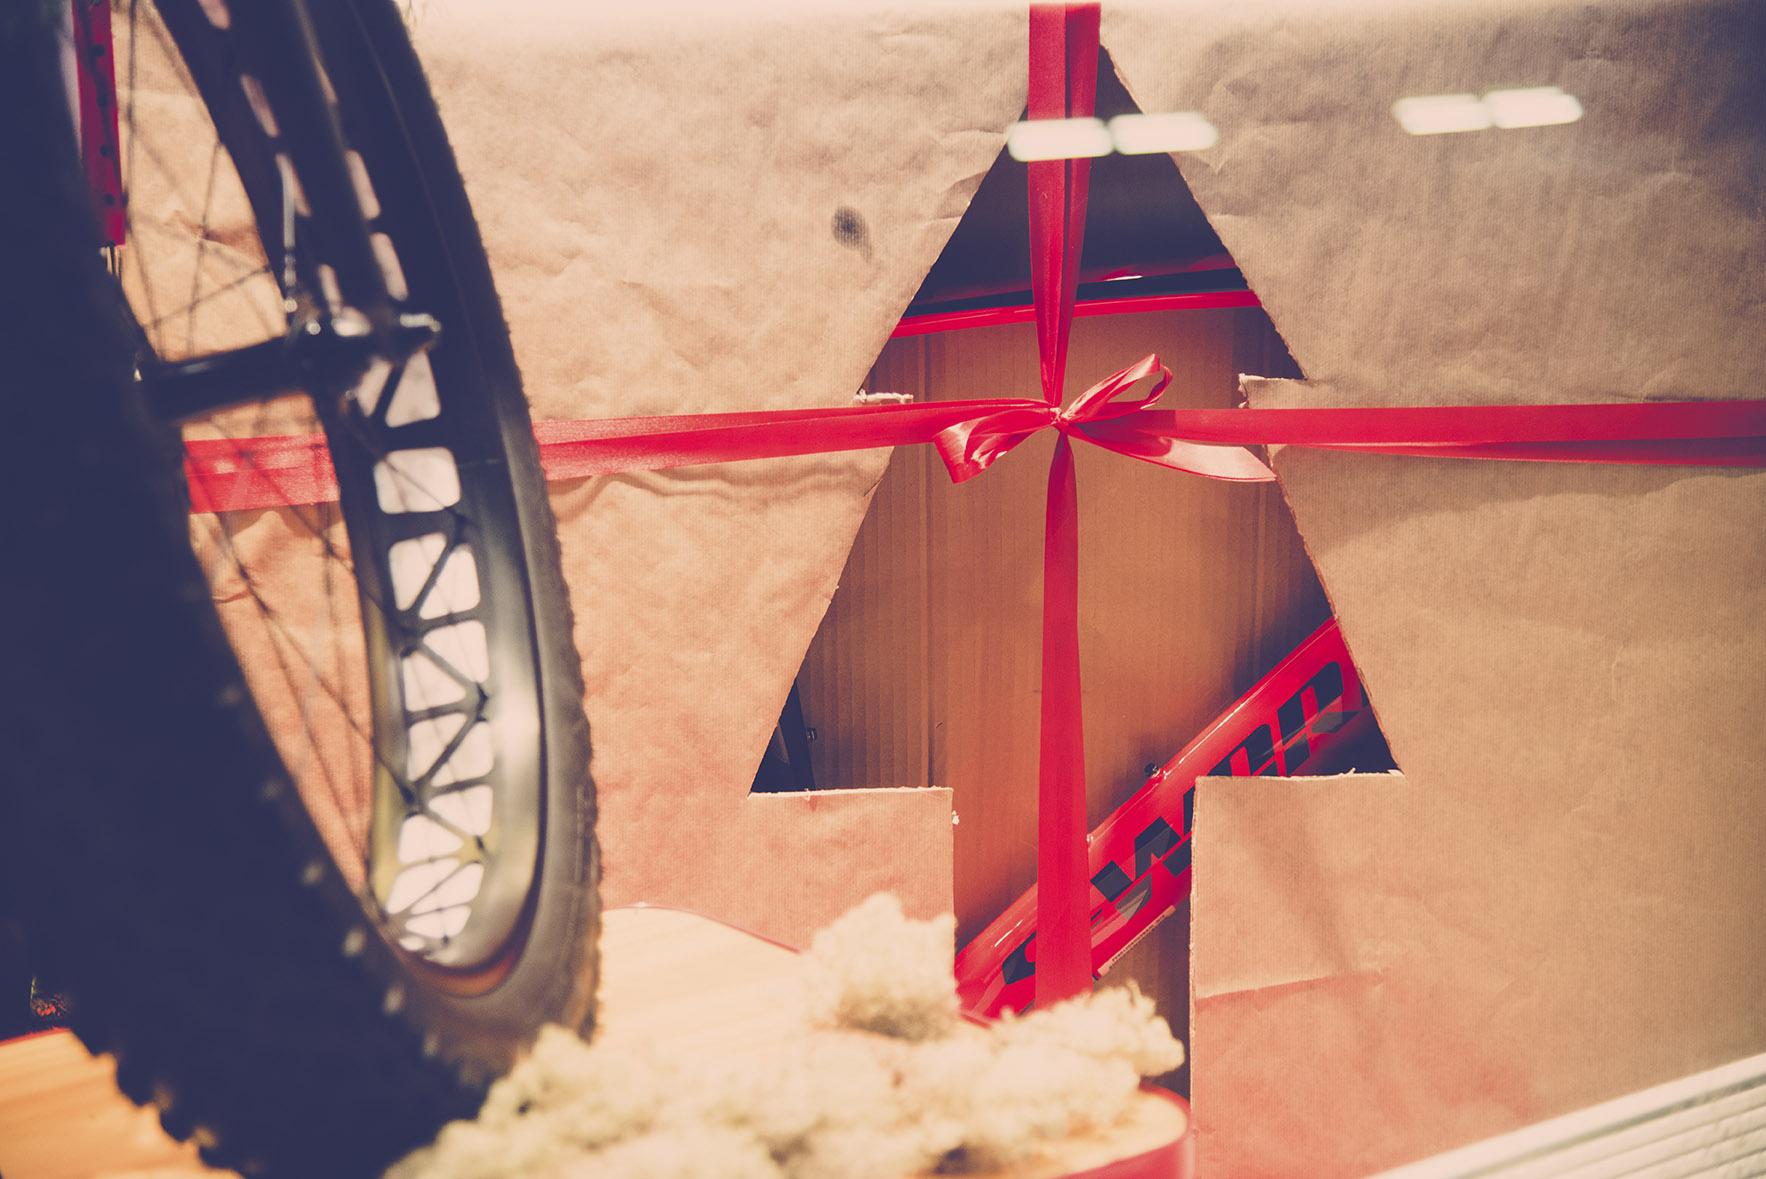 scs-julskyltning-11 kopiera